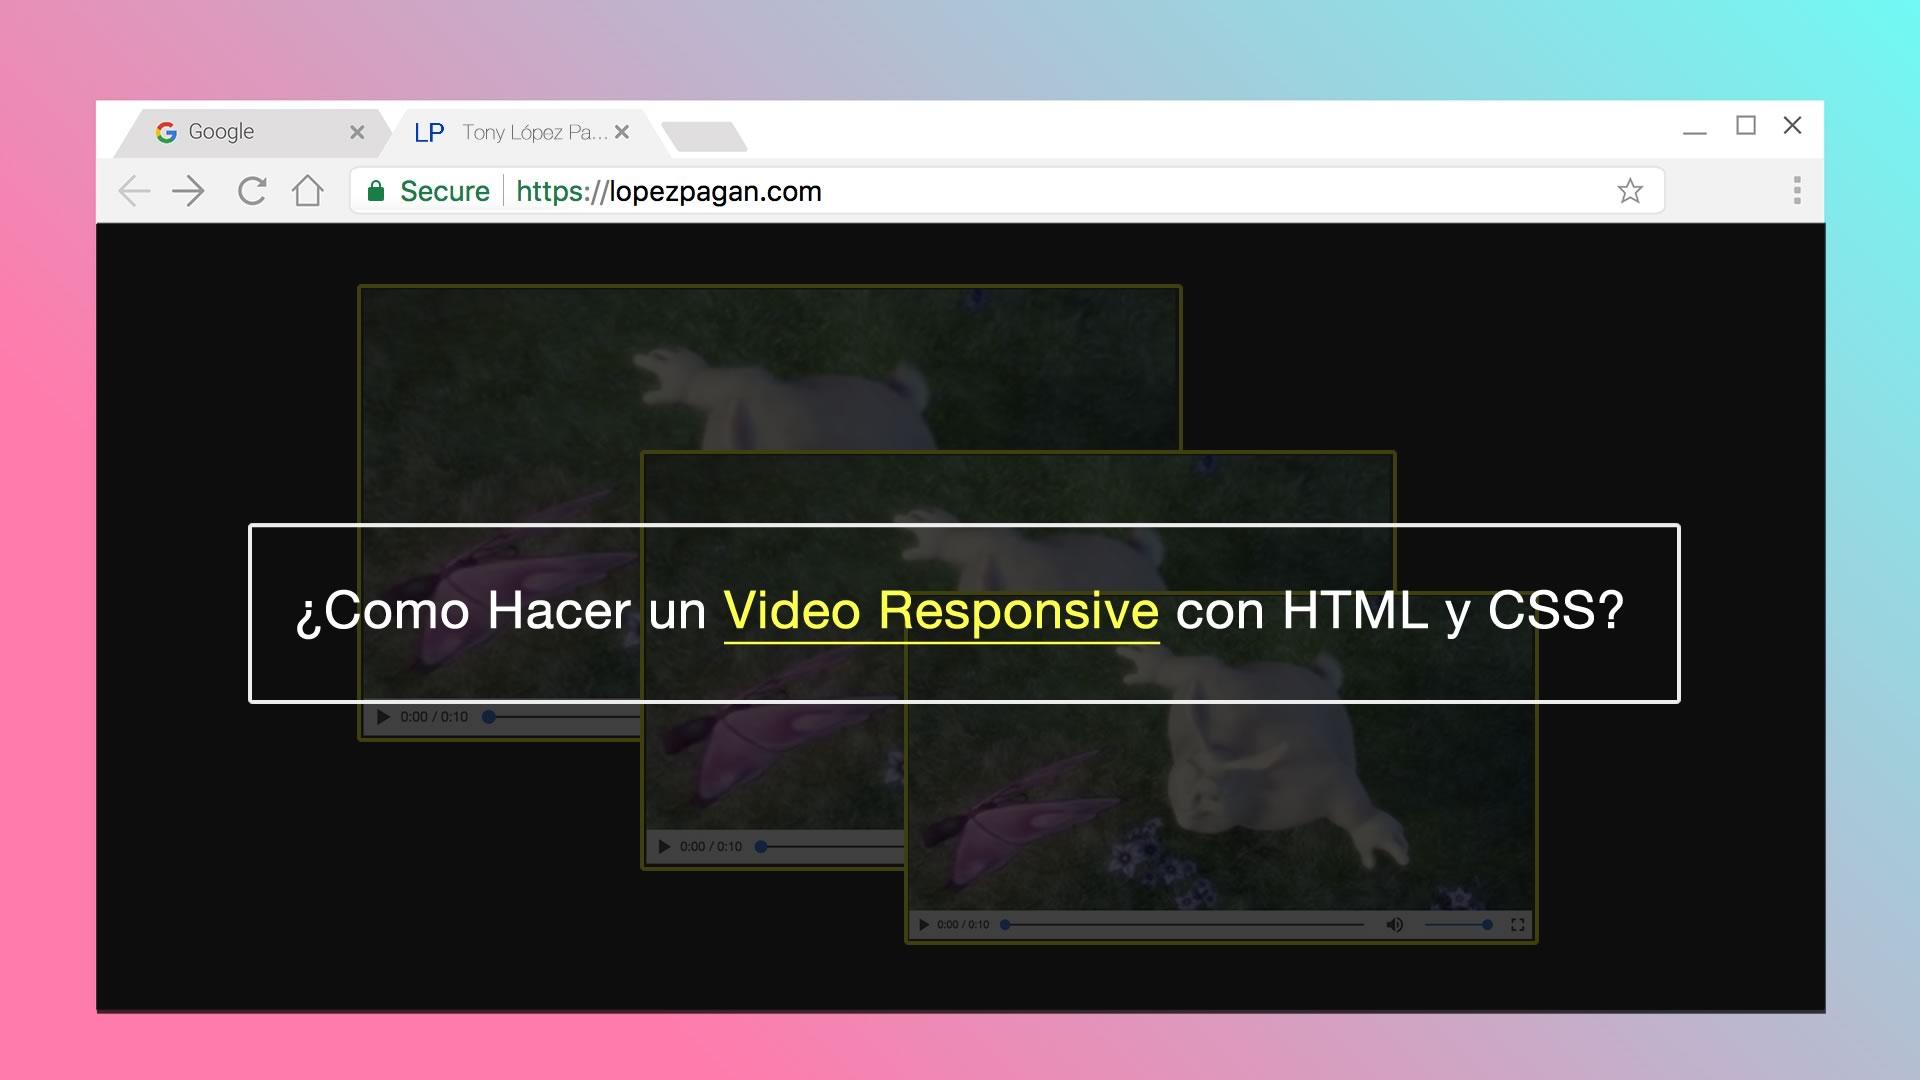 ¿Cómo Hacer un Video Responsive con HTML y CSS?